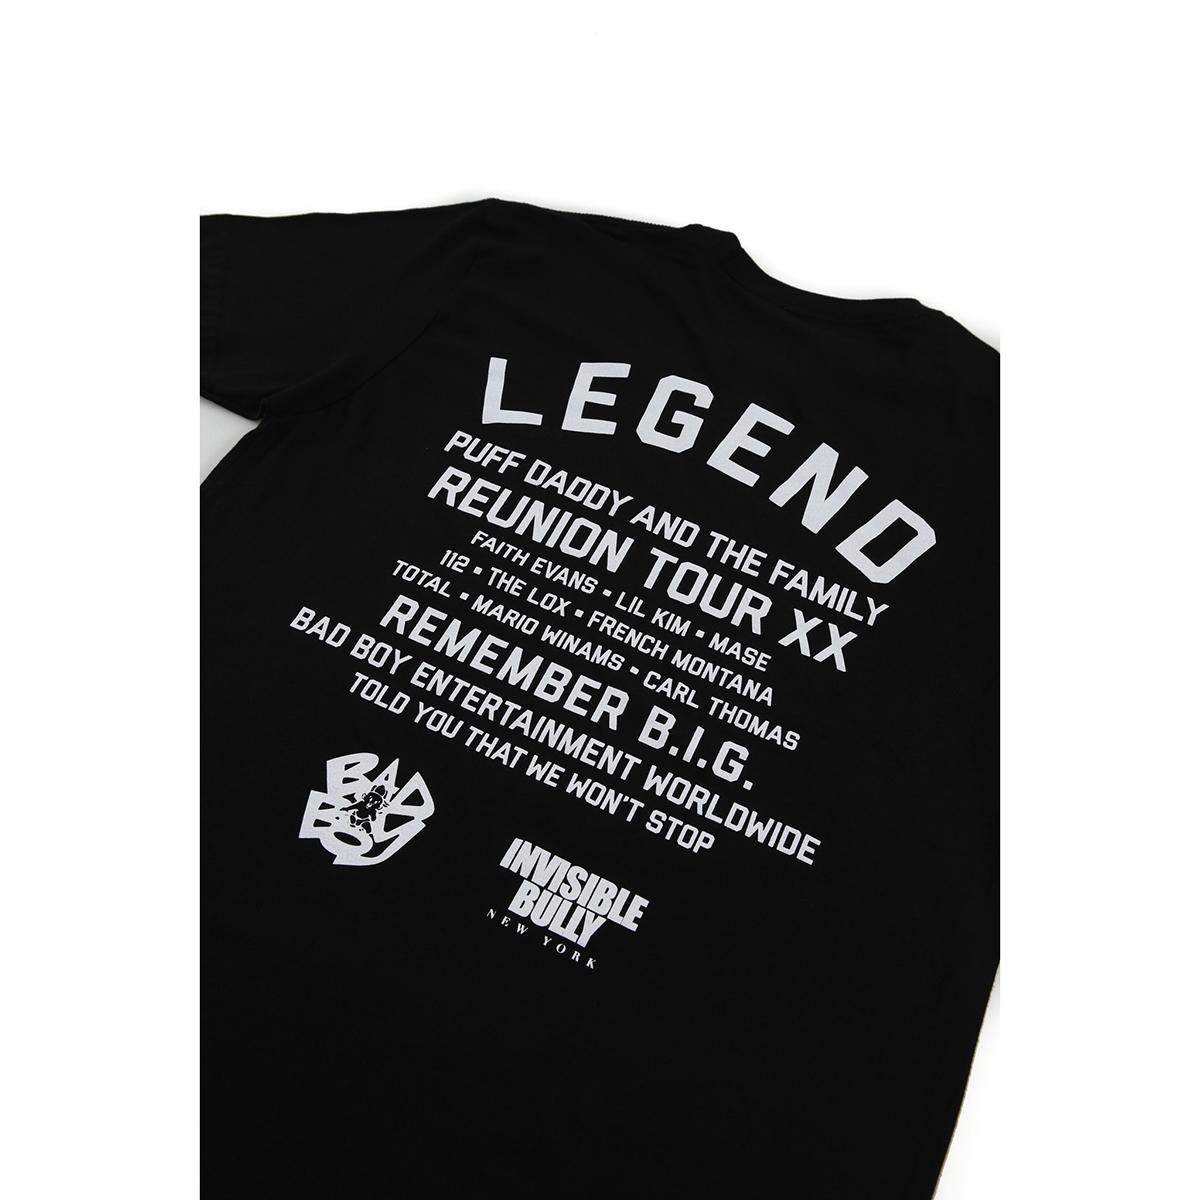 Bad Boy 20 Legend Tour T-Shirt